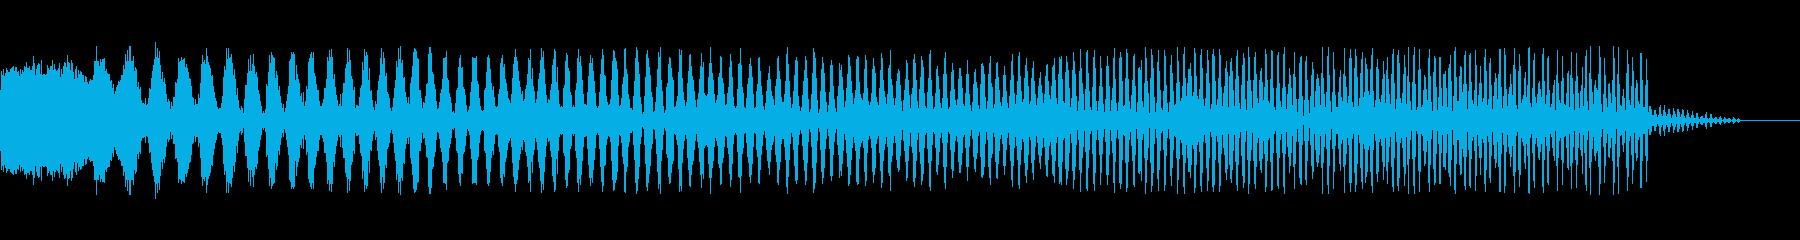 SynthSweep EC06_62_1の再生済みの波形